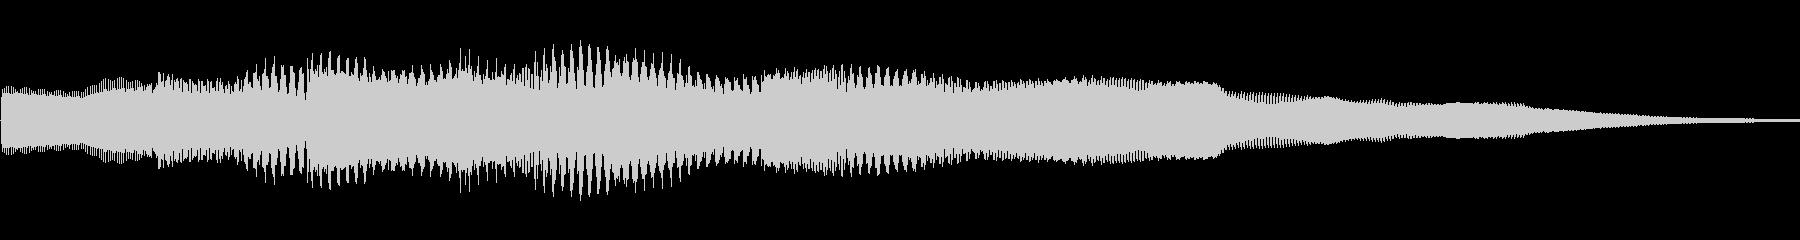 ピンポンピンポーン!!クイズ正解 01の未再生の波形